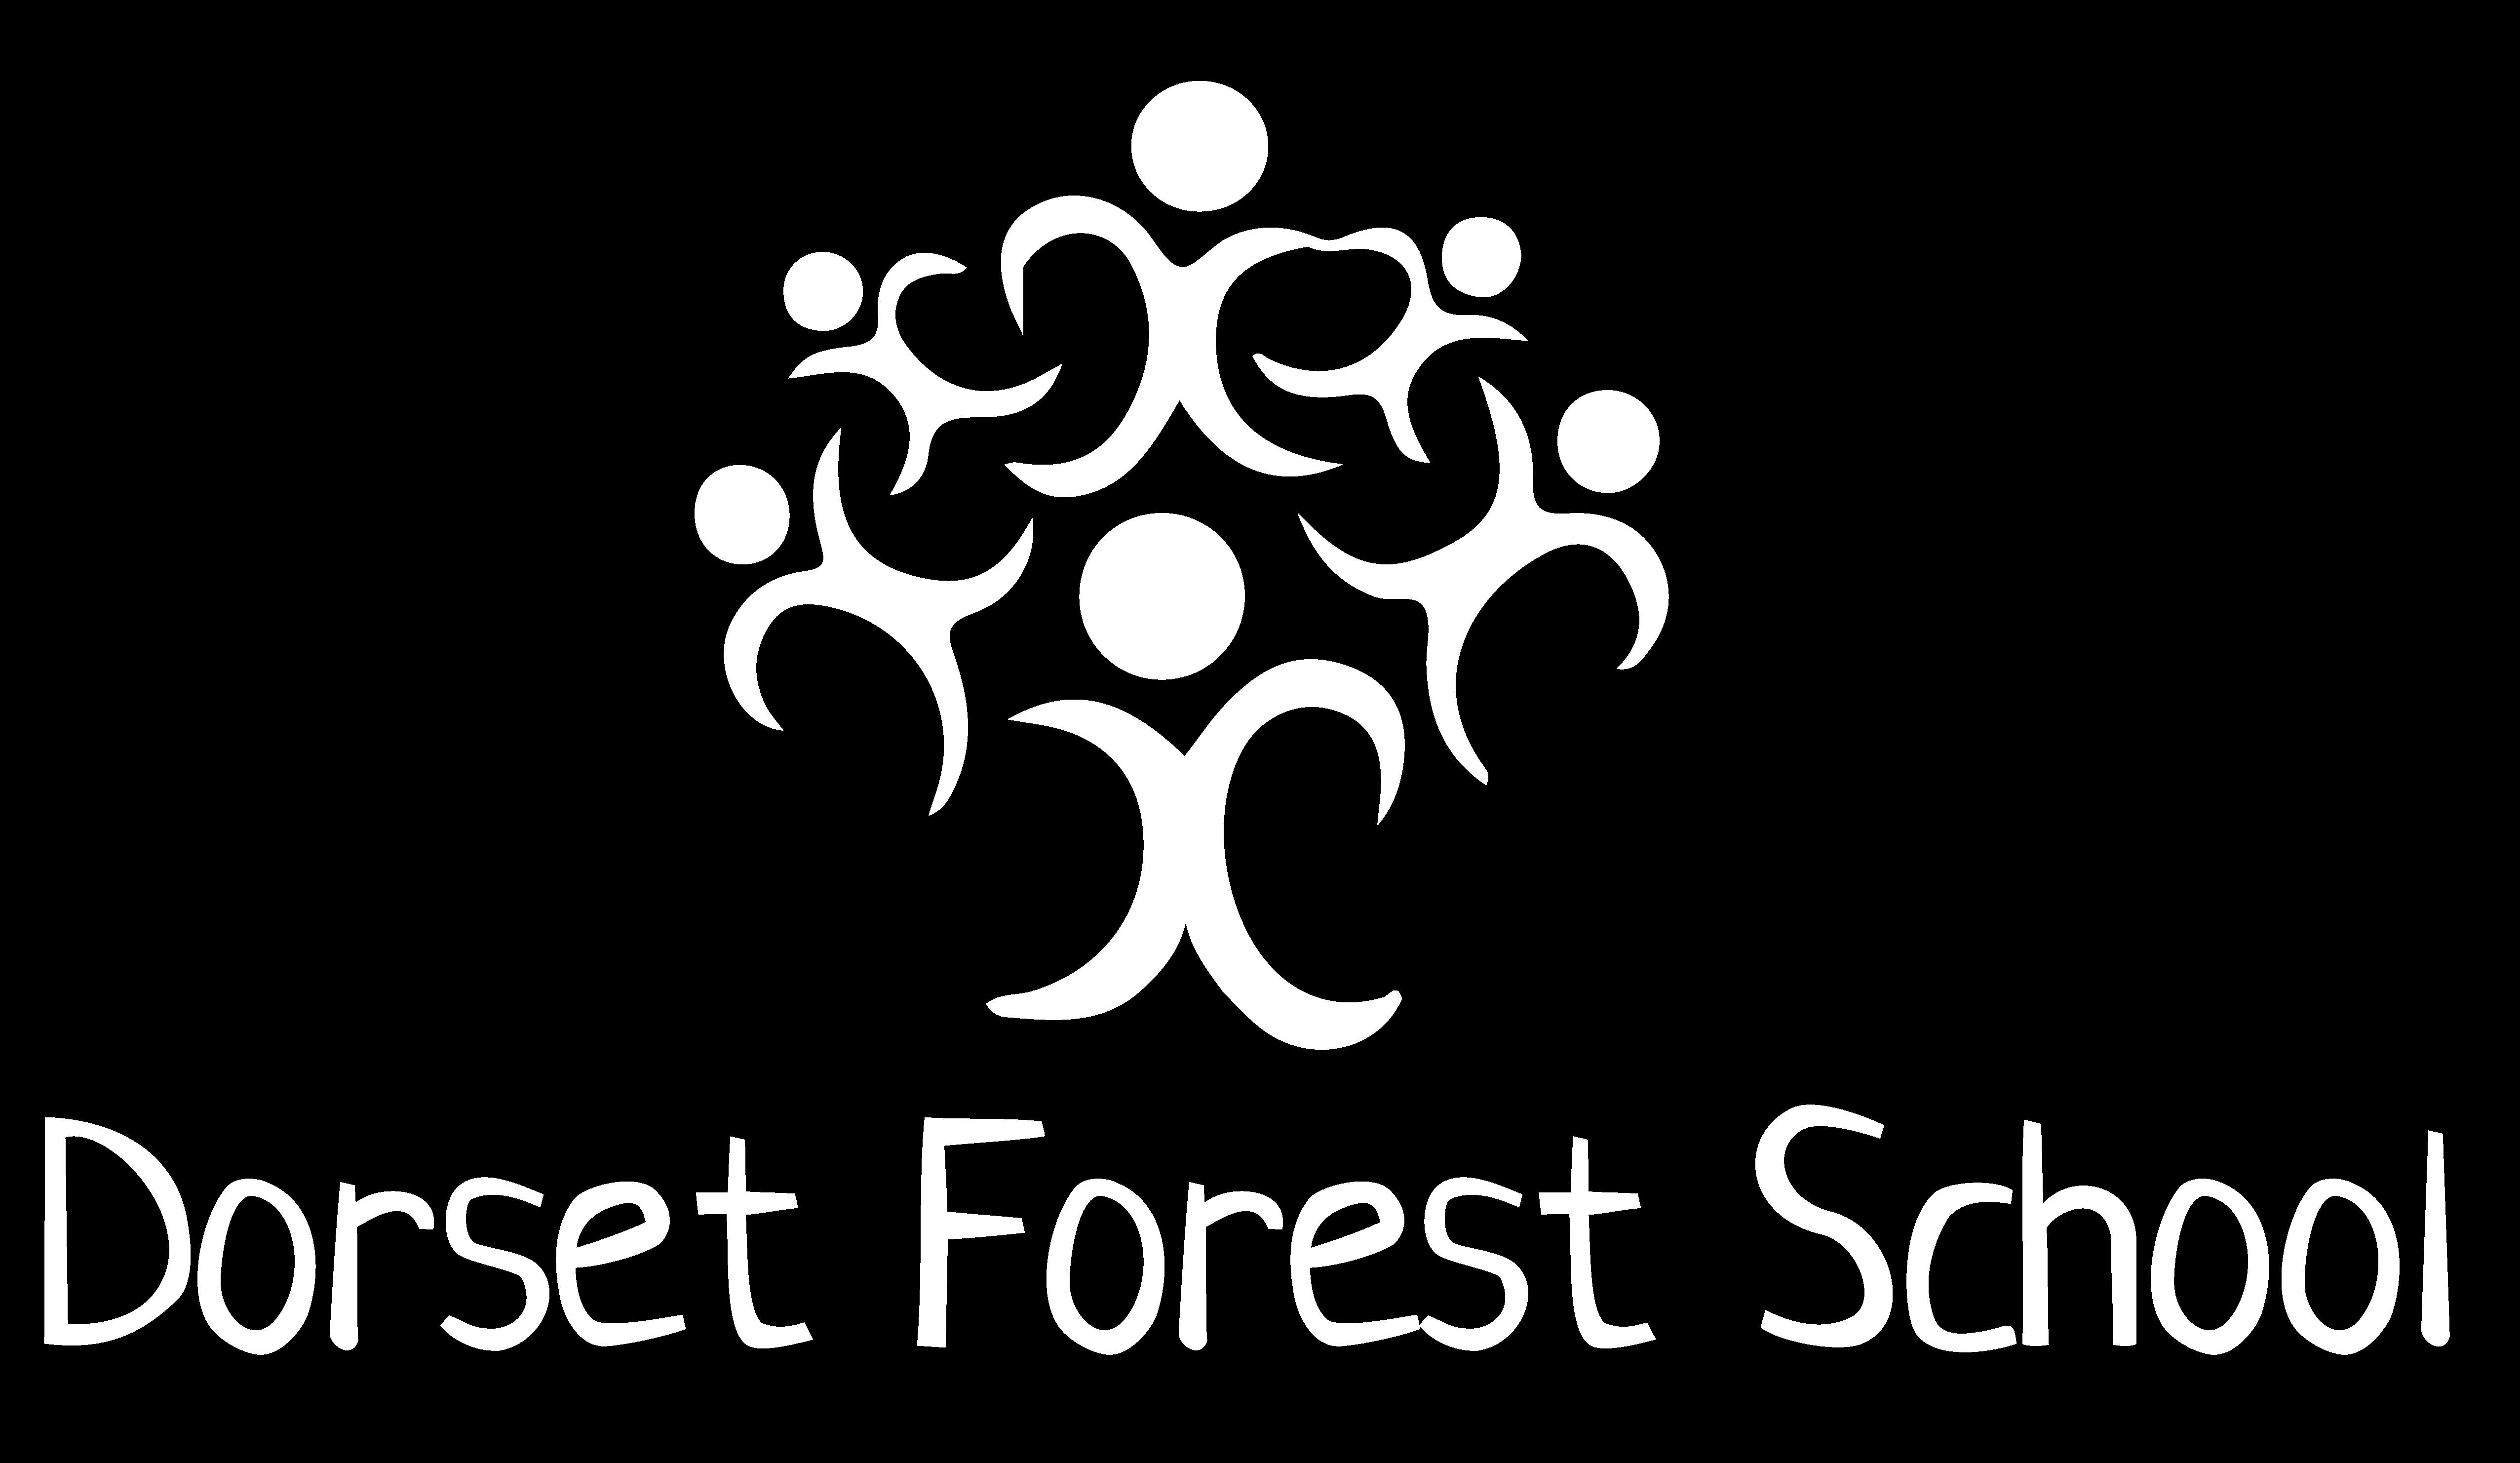 Dorset Forest School